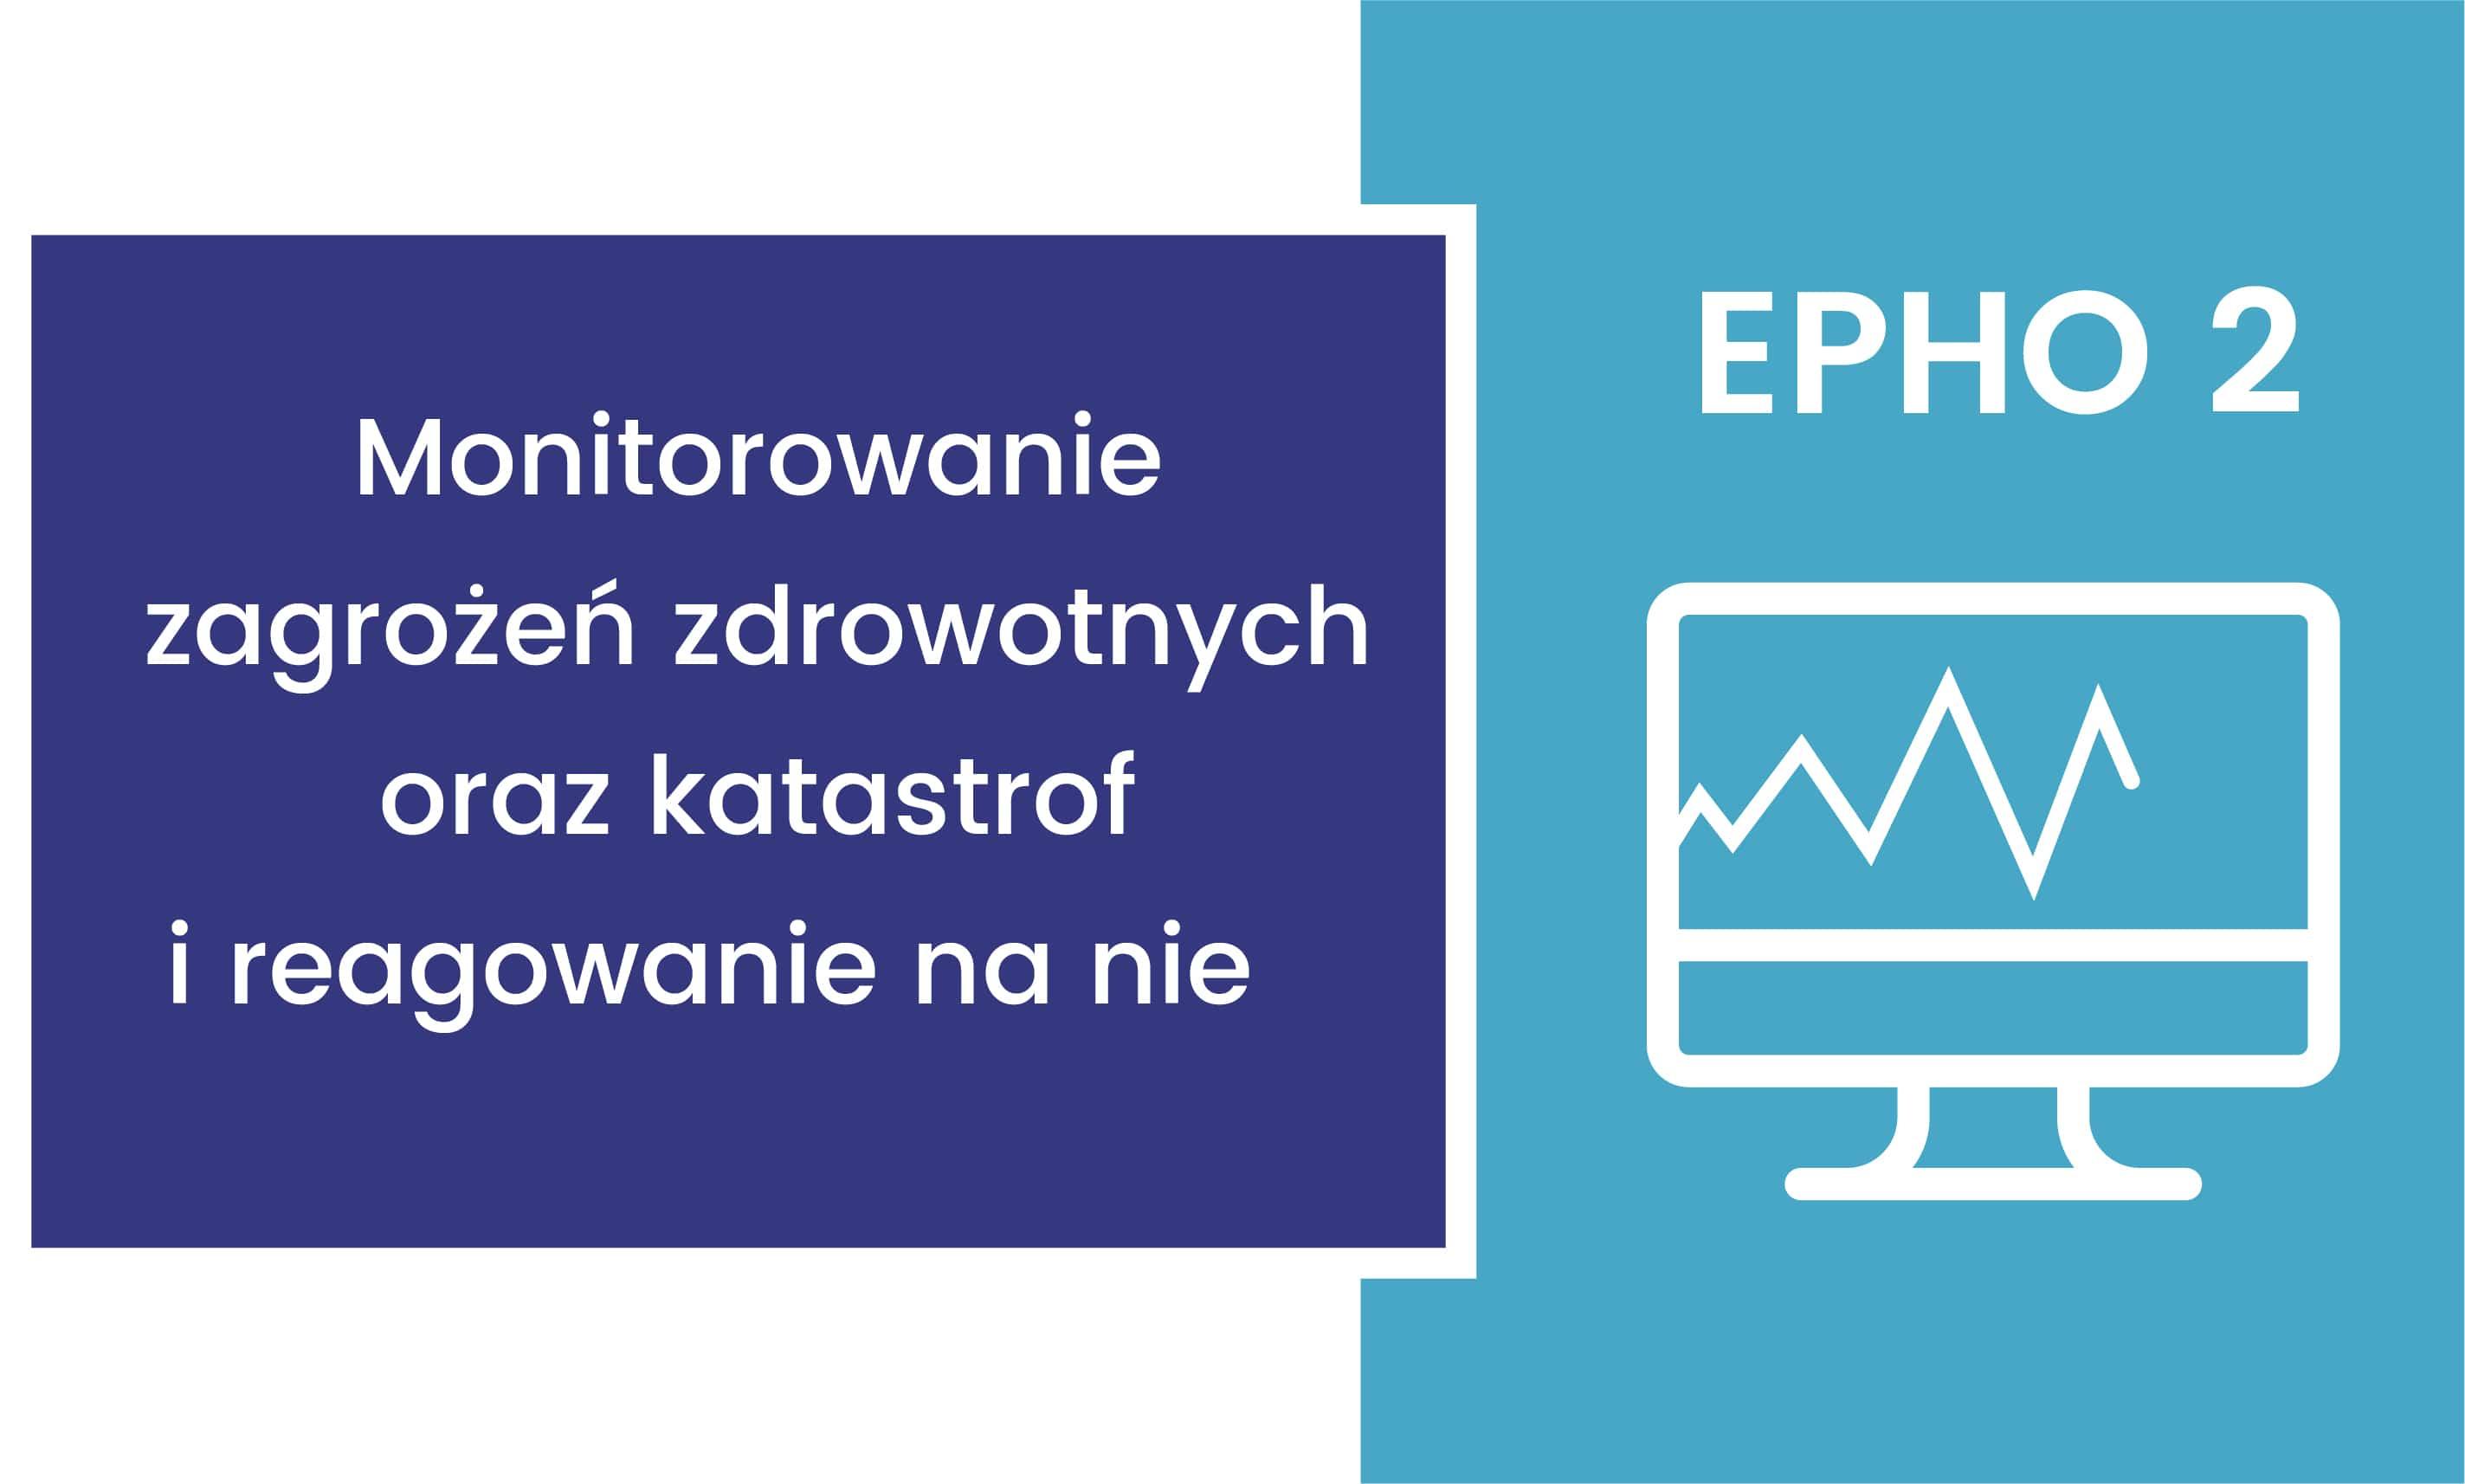 EPHO 2. Monitorowanie zagrożeń zdrowotnych oraz katastrof i reagowanie na nie